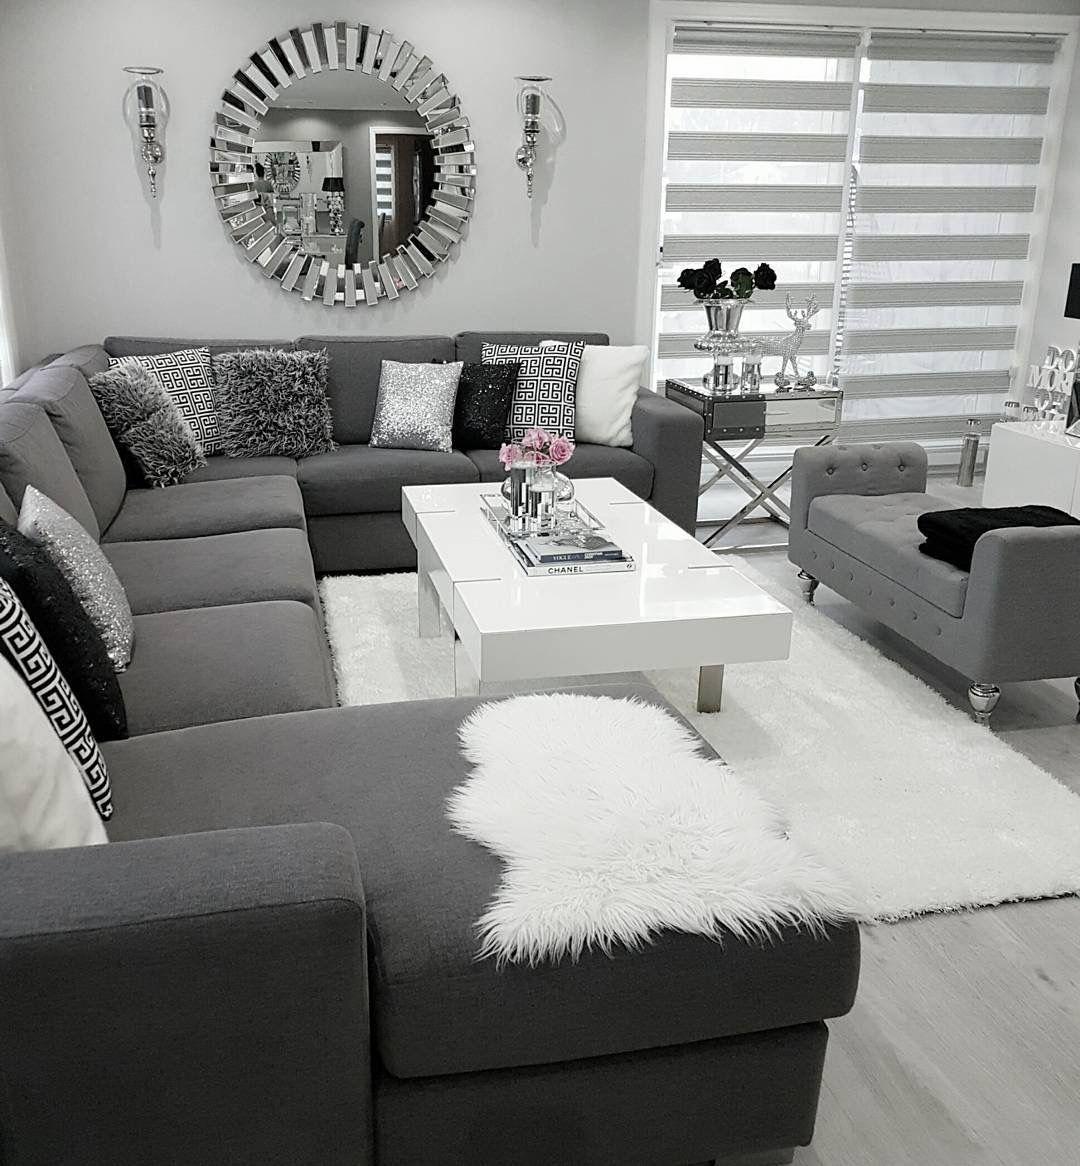 Pin di Fakhria Abu Aisheh su Decoration&interior | Pinterest ...